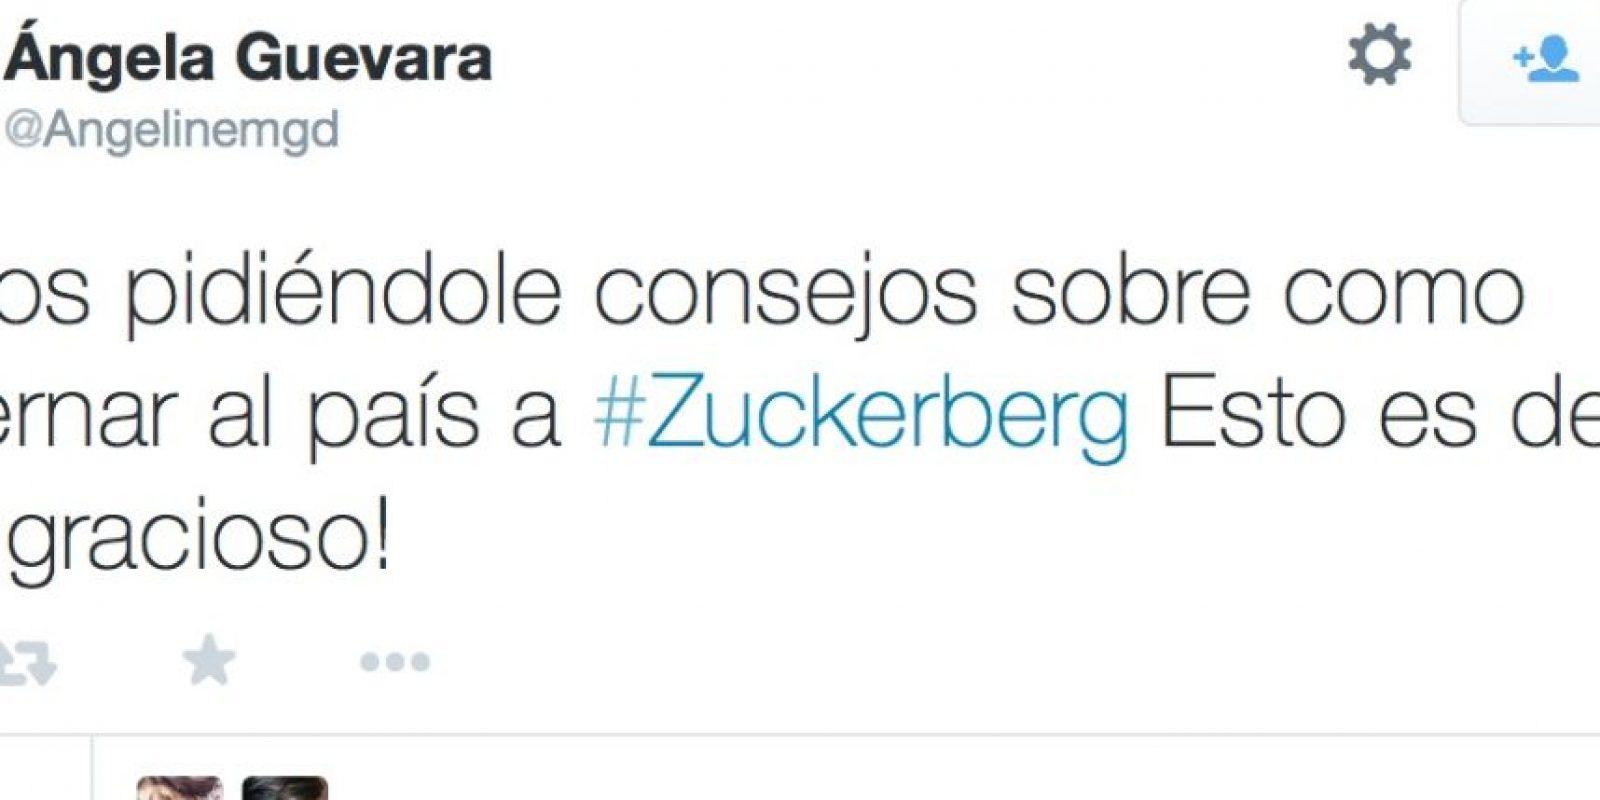 Santos preguntó a Zuckerberg sobre cómo gobernar Colombia. Foto:Twitter